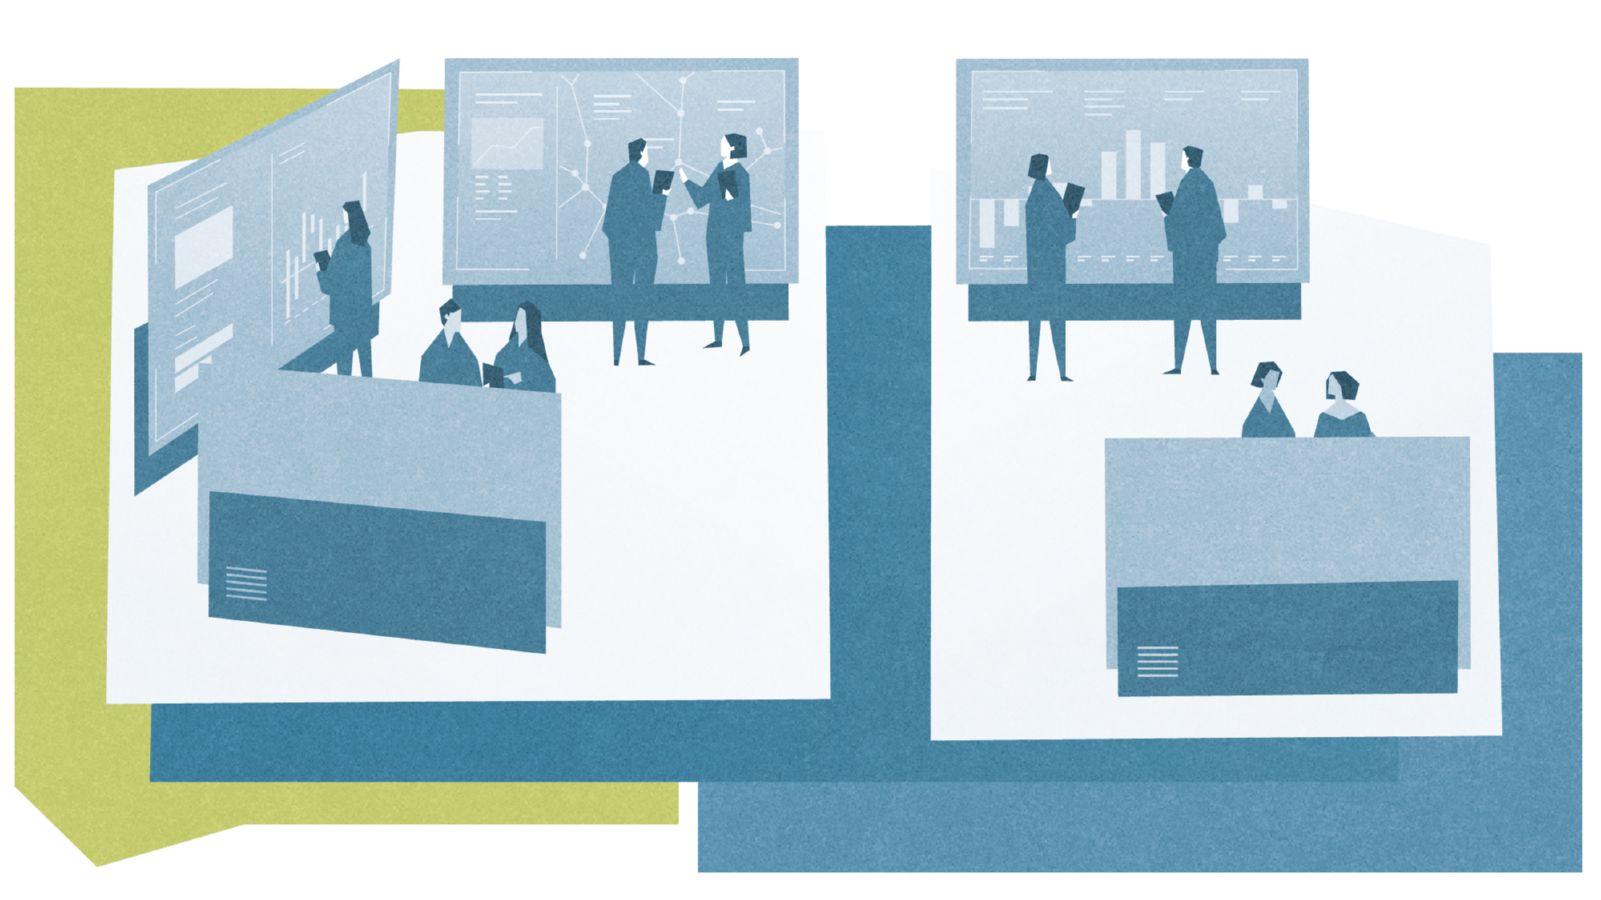 Das Bild zeigt Mitarbeiter eines digitalen Umschaltwerks, die vor einer Wand mit Analysen diskutieren.